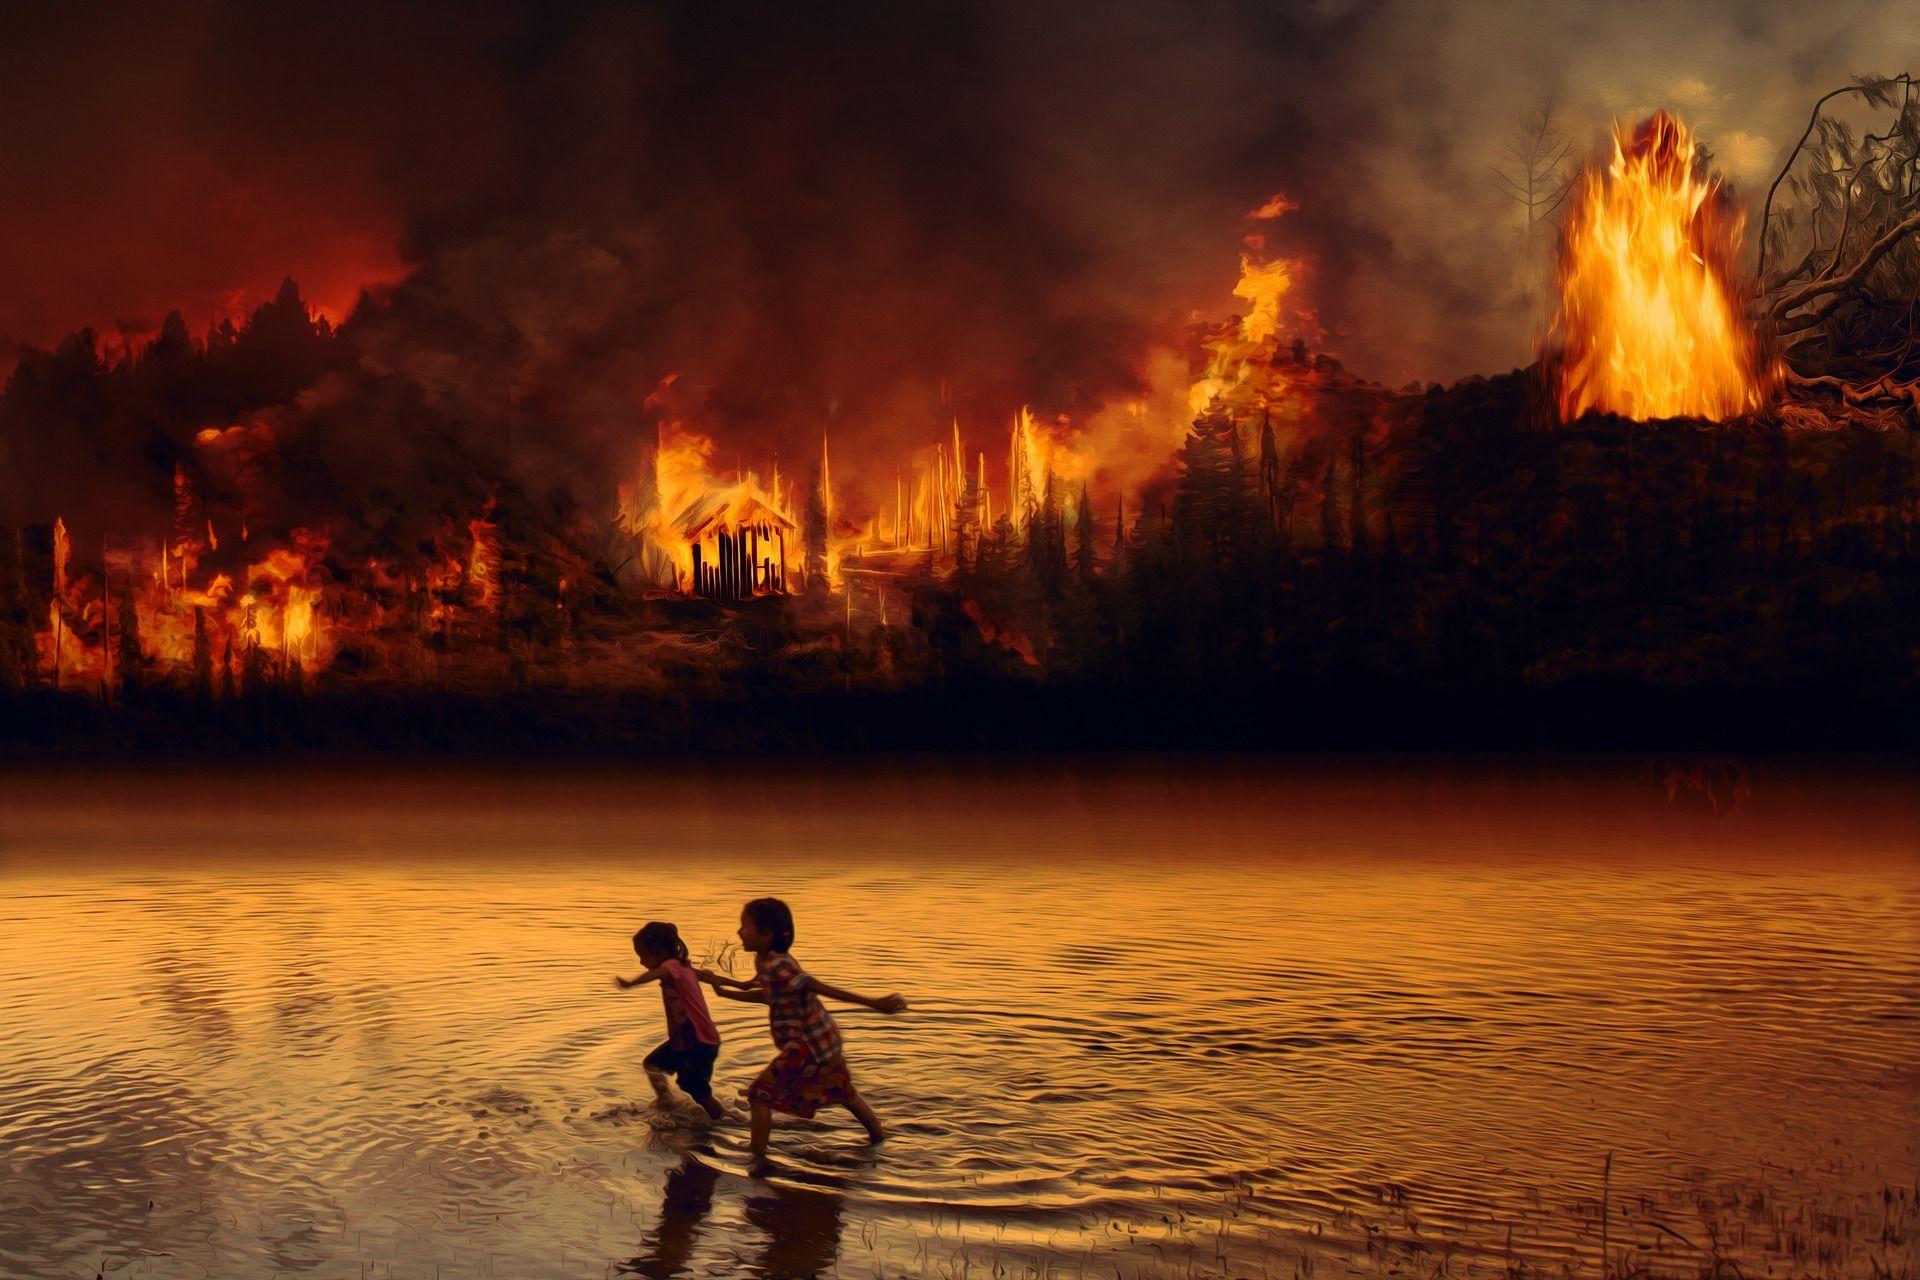 Der Amazonas brennt stärker als vor einem Jahr